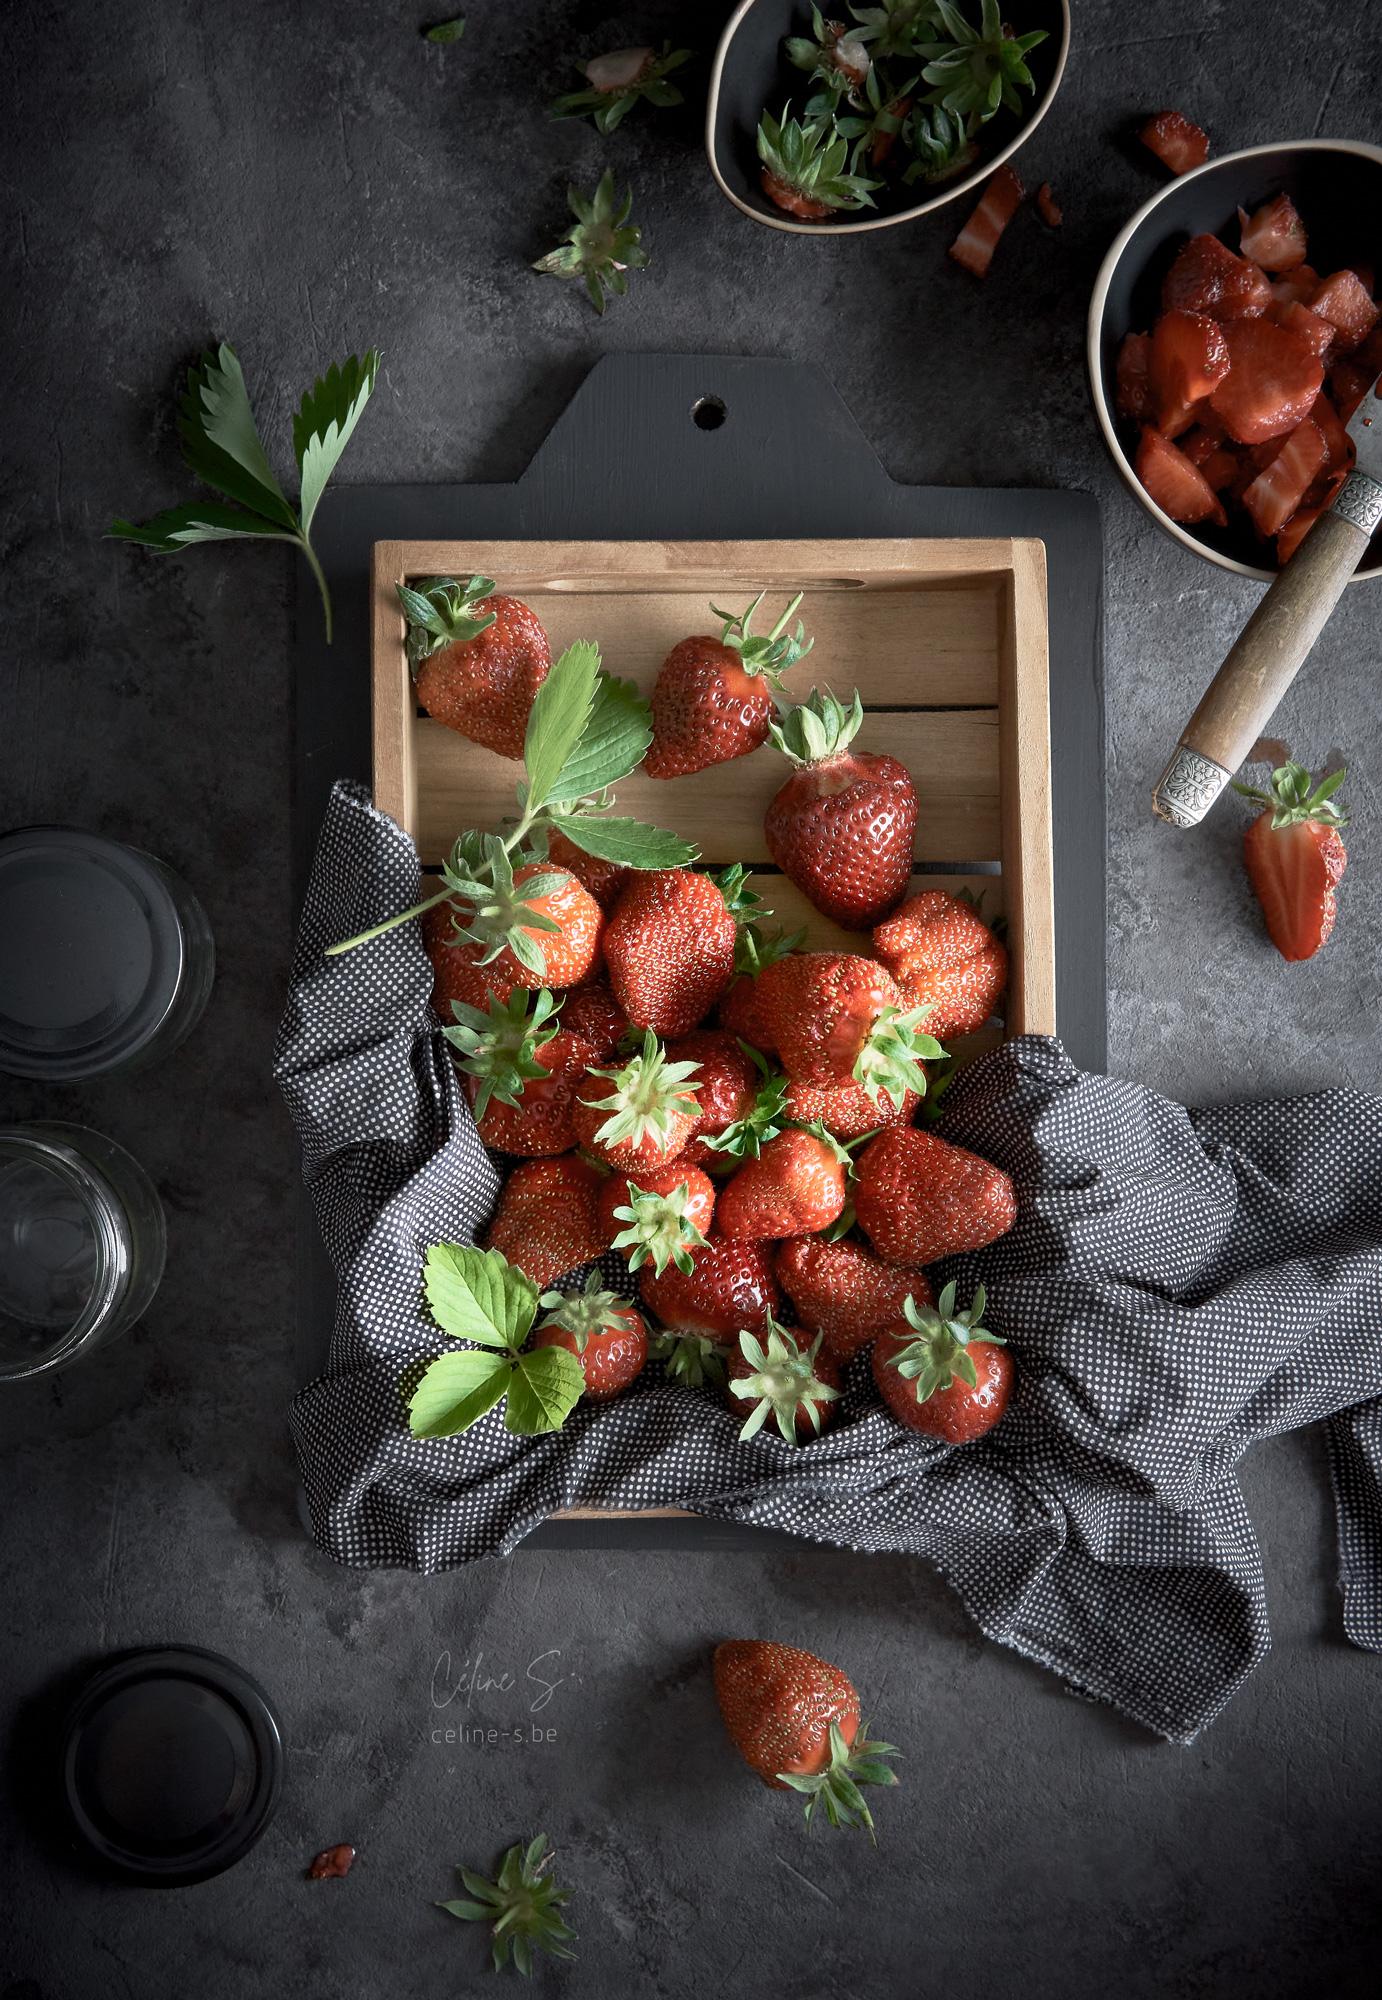 Céline Stiévenard - Photo de panier de fraises- styliste culinaire food - création de photo food - Liège, Belgique